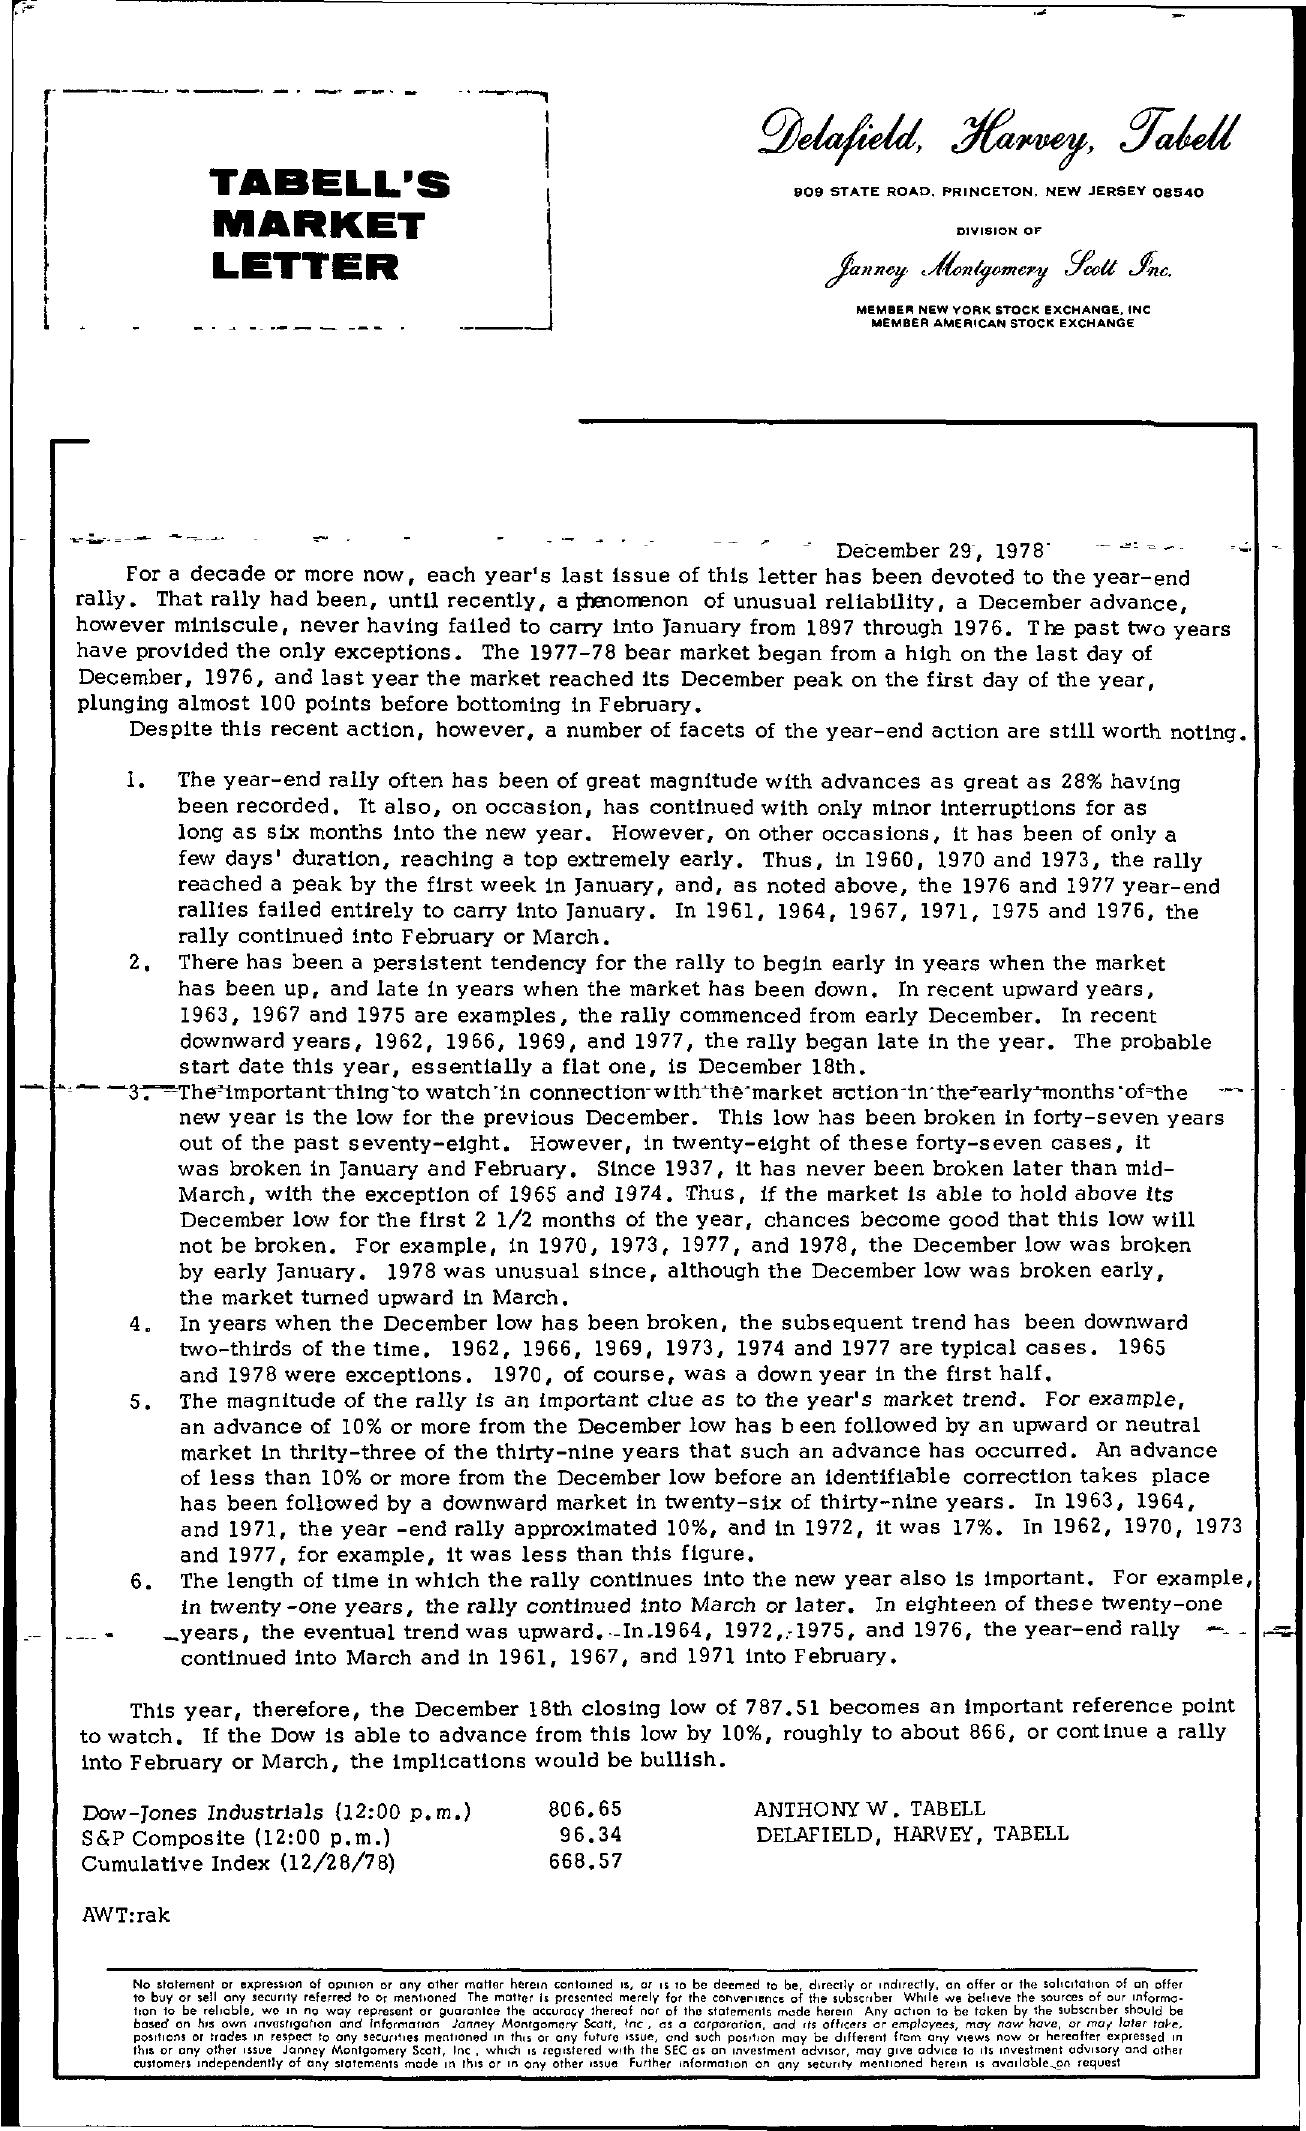 Tabell's Market Letter - December 29, 1978